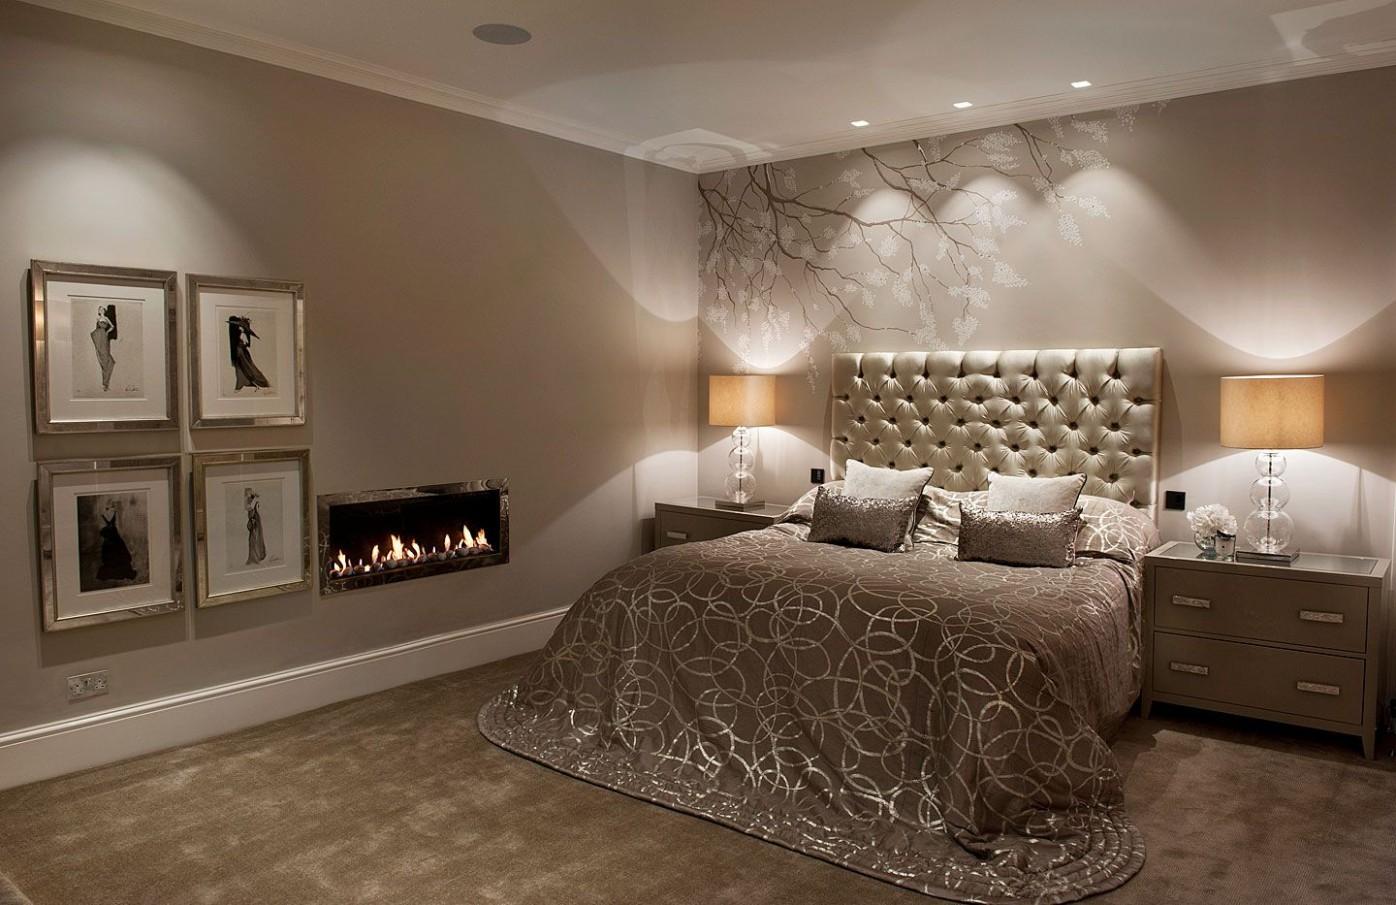 Interior Design Portfolio - April Hamilton Interior Designers  - Bedroom Ideas Uk